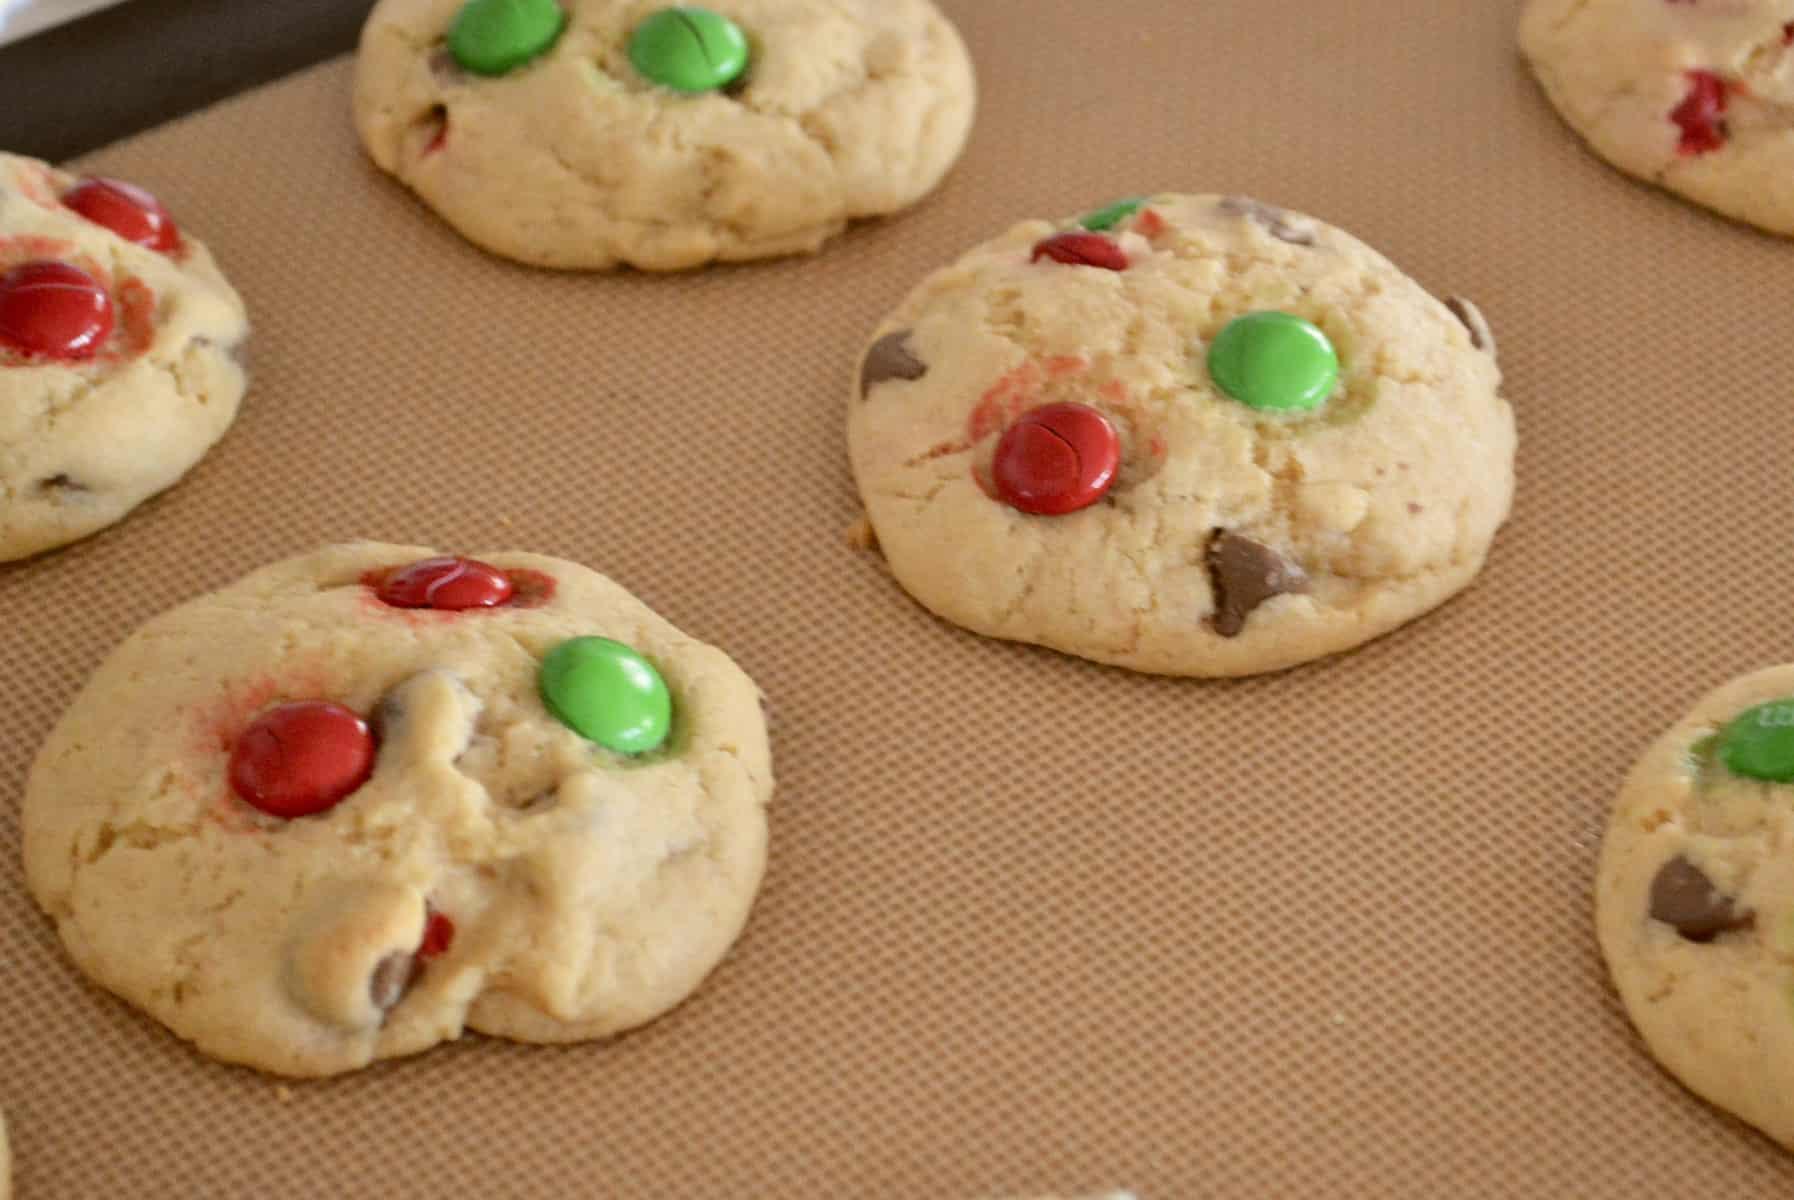 treats on a non stick baking mat.